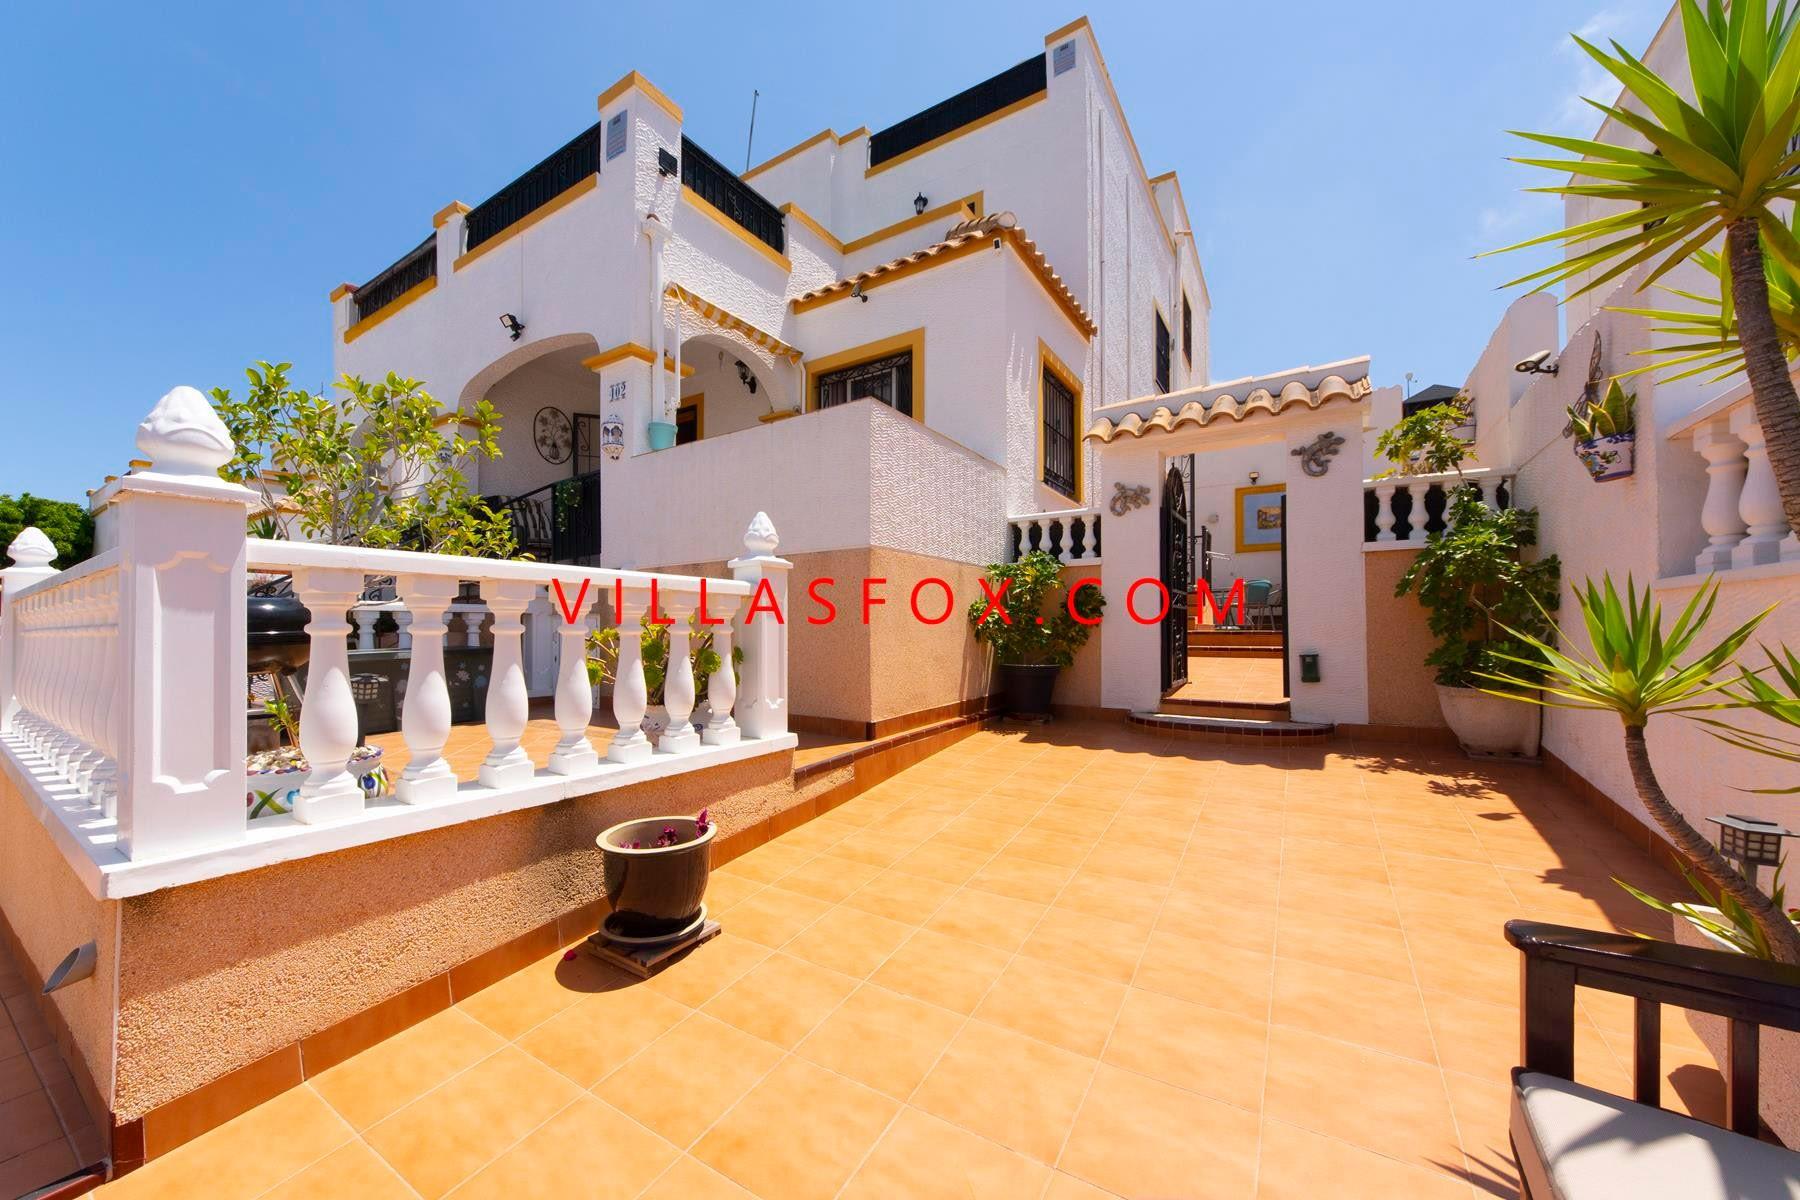 3-bedroom Los Altos Dream Hills quad villa